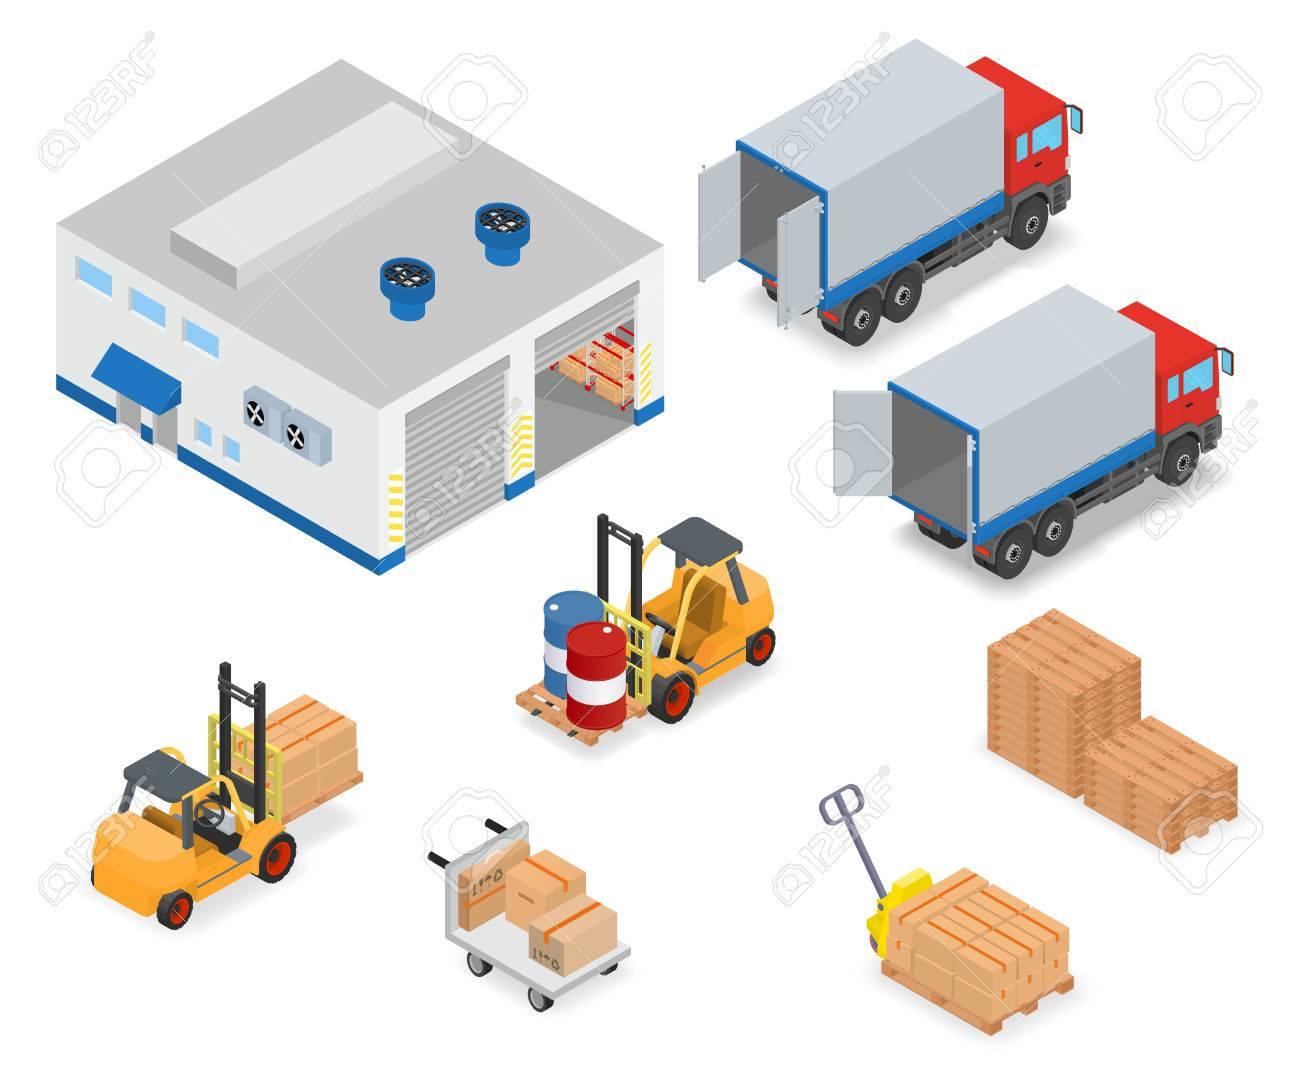 Chargement Ou Dechargement D Un Camion Dans L Entrepot Chariots